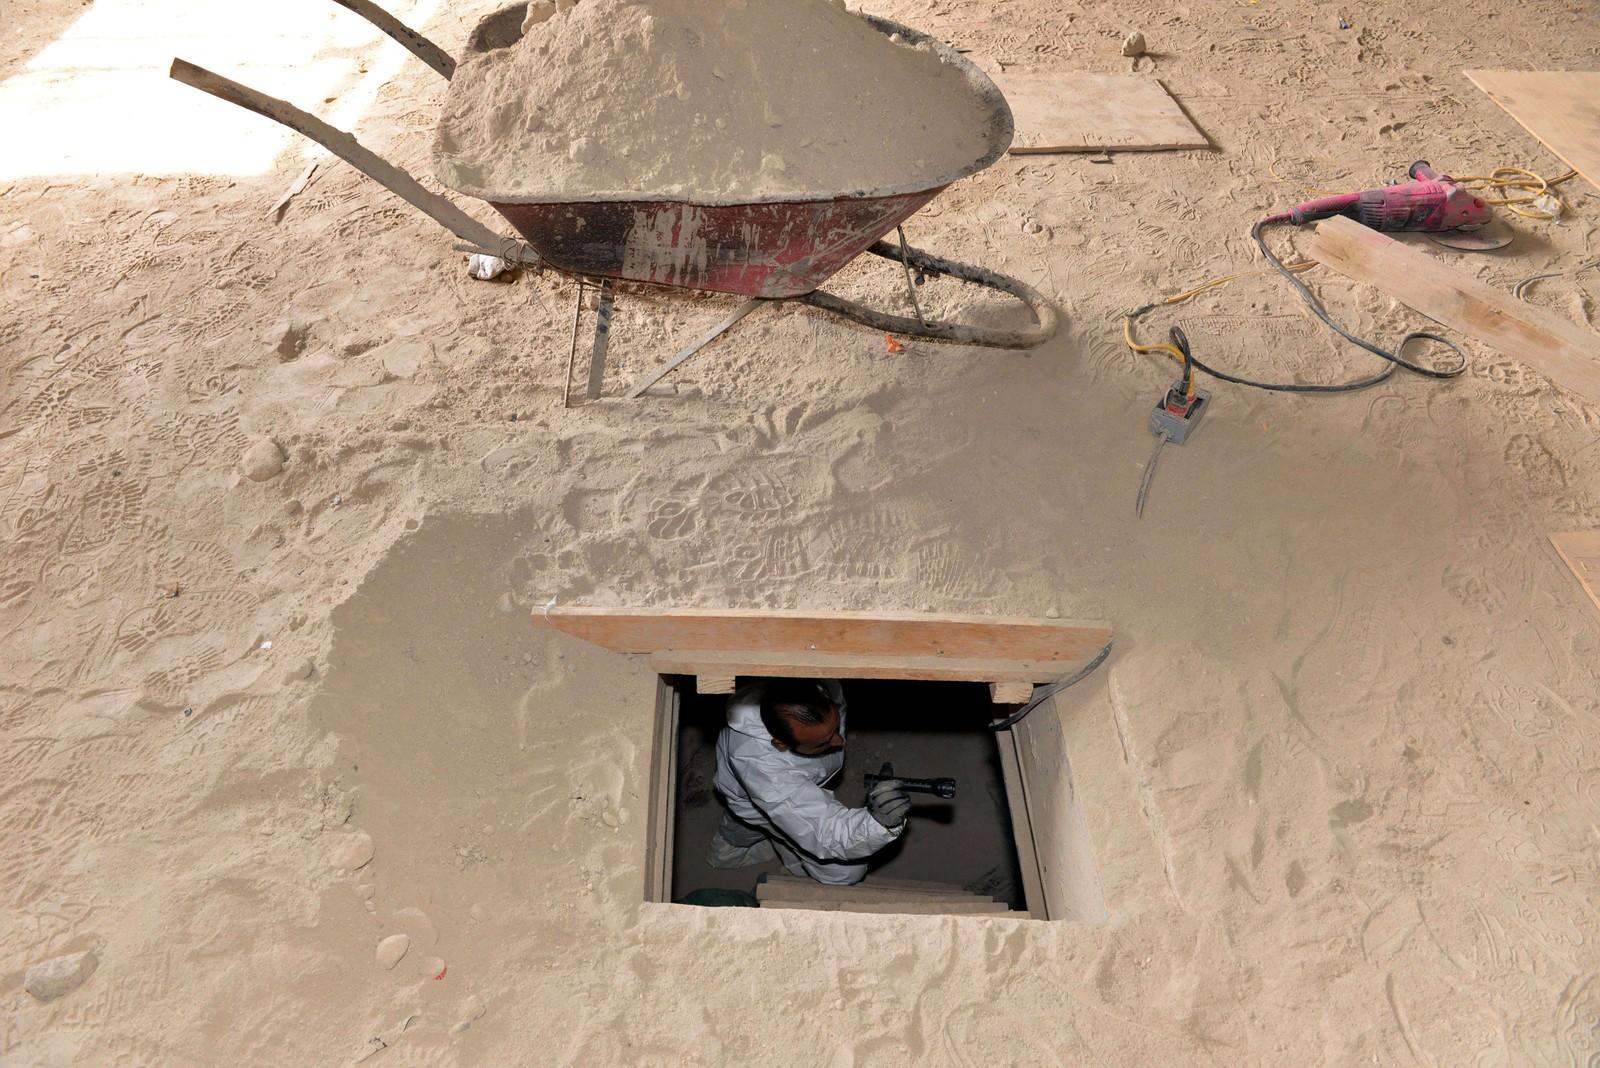 Tunnelen endte i et halvferdig hus i Almoloya de Juarez.